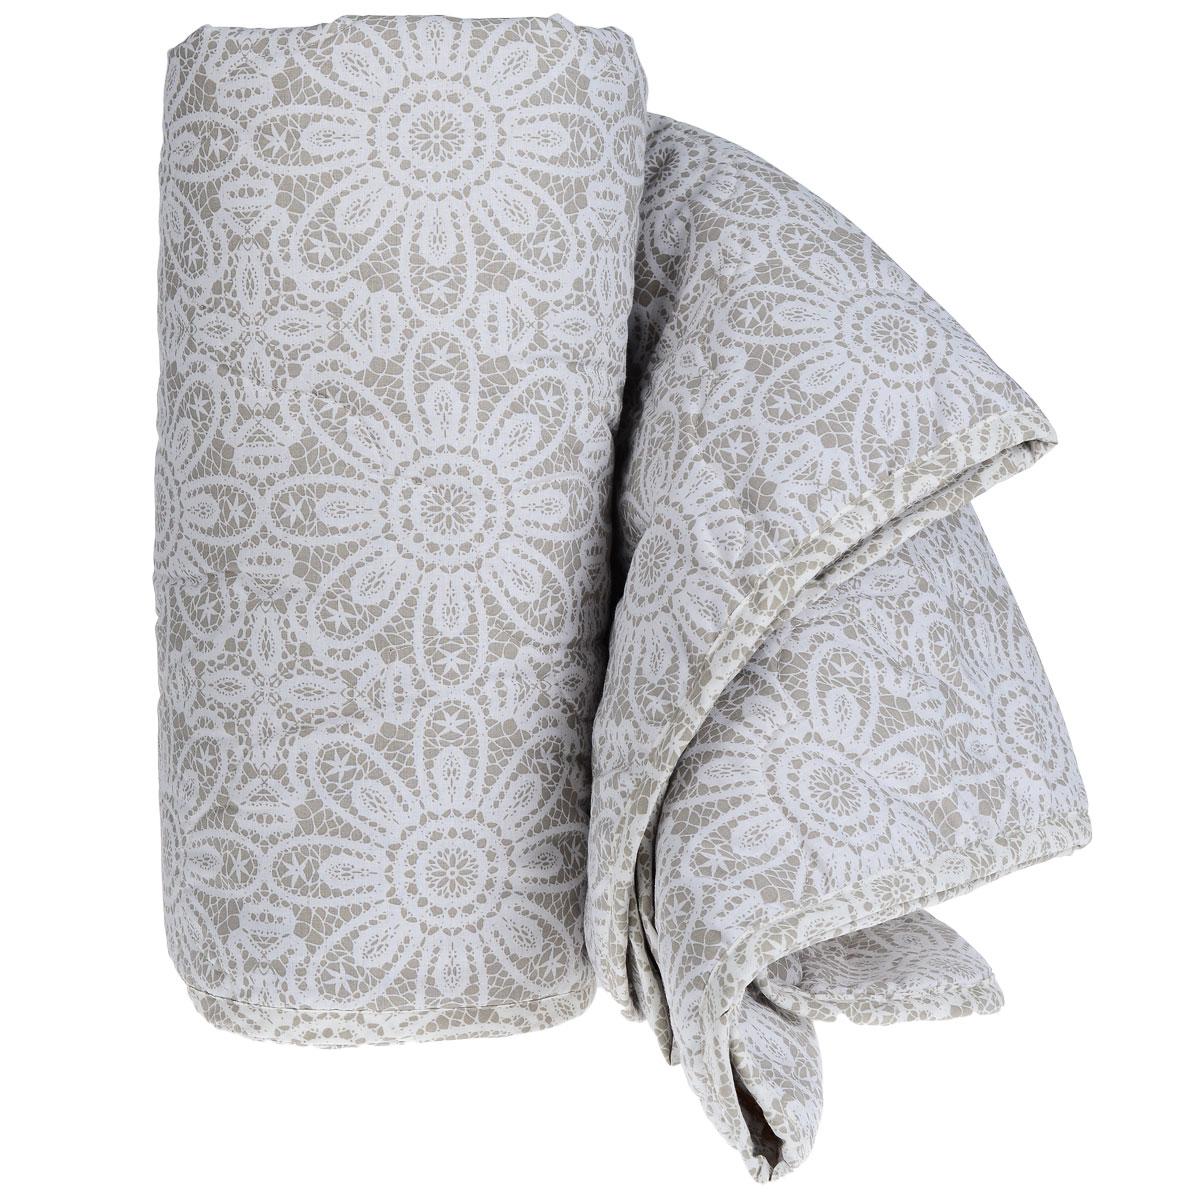 Одеяло летнее Green Line, наполнитель: льняное волокно, 172 х 205 см189235Летнее одеяло Green Line подарит незабываемое чувство комфорта и уюта во время сна. Верх выполнен из ранфорса (100% хлопок) с красивым рисунком, напоминающим кружево. Внутри - наполнитель из льняного волокна. Это экологически чистый натуральный материал, который позаботится о вашем здоровье и подарит комфортный сон. Лен обладает уникальными свойствами: он холодит в жару и согревает в холод, он полезен для здоровья, так как является природным антисептиком. Благодаря пористой структуре, ткань дышит и создается эффект активного дыхания. Стежка и кант по краю не позволяют наполнителю скатываться и равномерно удерживают его внутри. Одеяло легкое и тонкое - оно идеально подойдет для лета, под ним будет прохладно и комфортно спать в жару. Рекомендации по уходу: - запрещается стирка в стиральной машине и вручную, - не отбеливать, - нельзя отжимать и сушить в стиральной машине, - не гладить, - химчистка с мягкими...